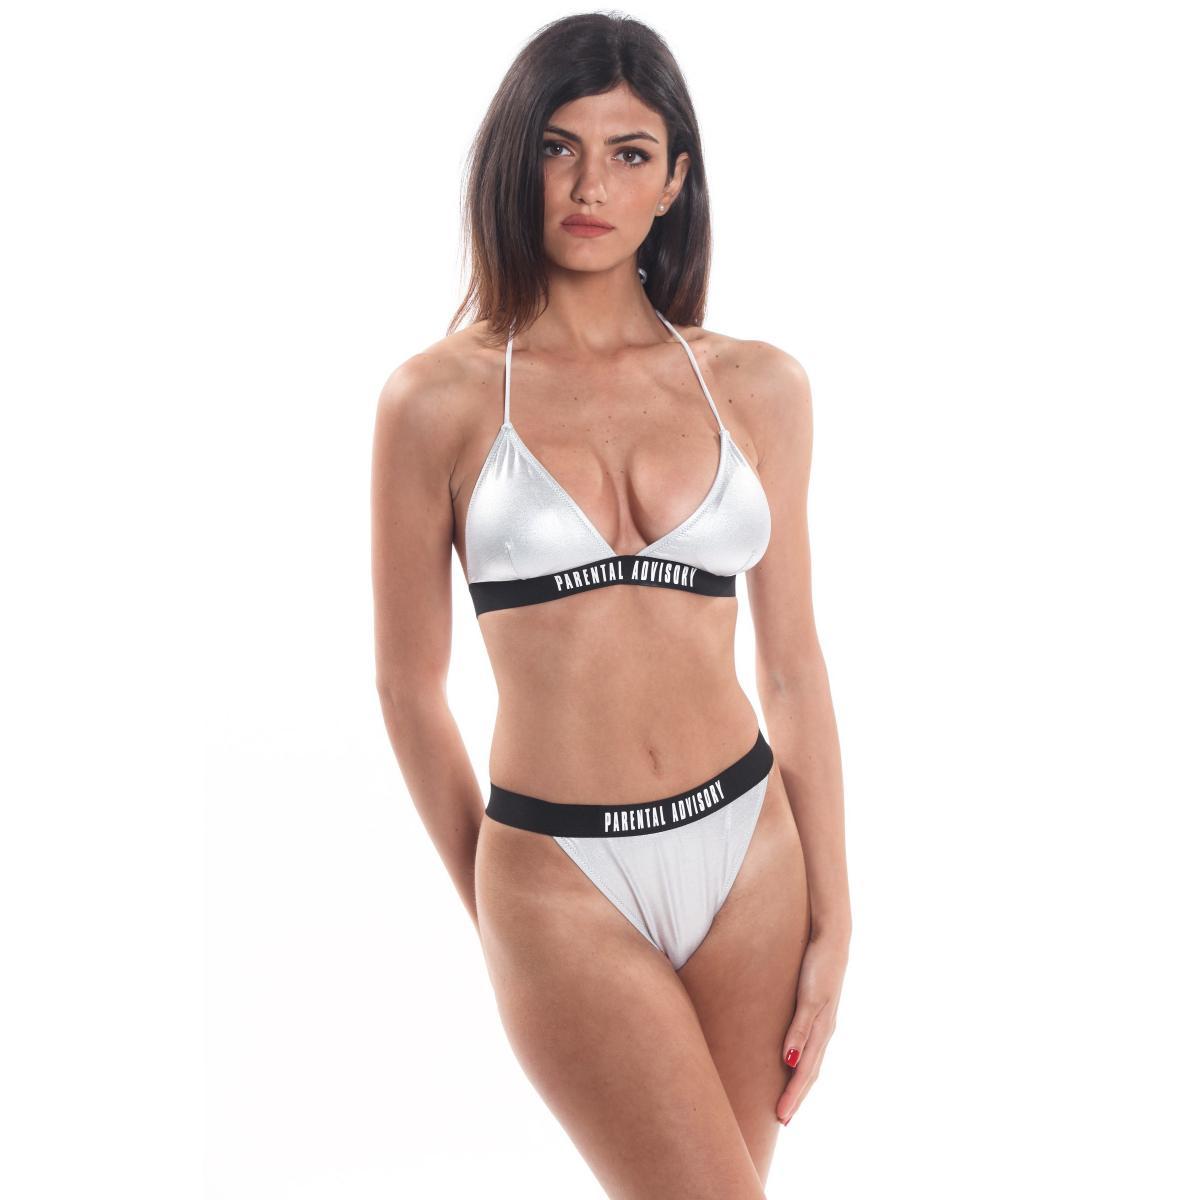 Costume Bikini 2 pezzi con top a triangolo Parental Advisory da donna rif. AD12D